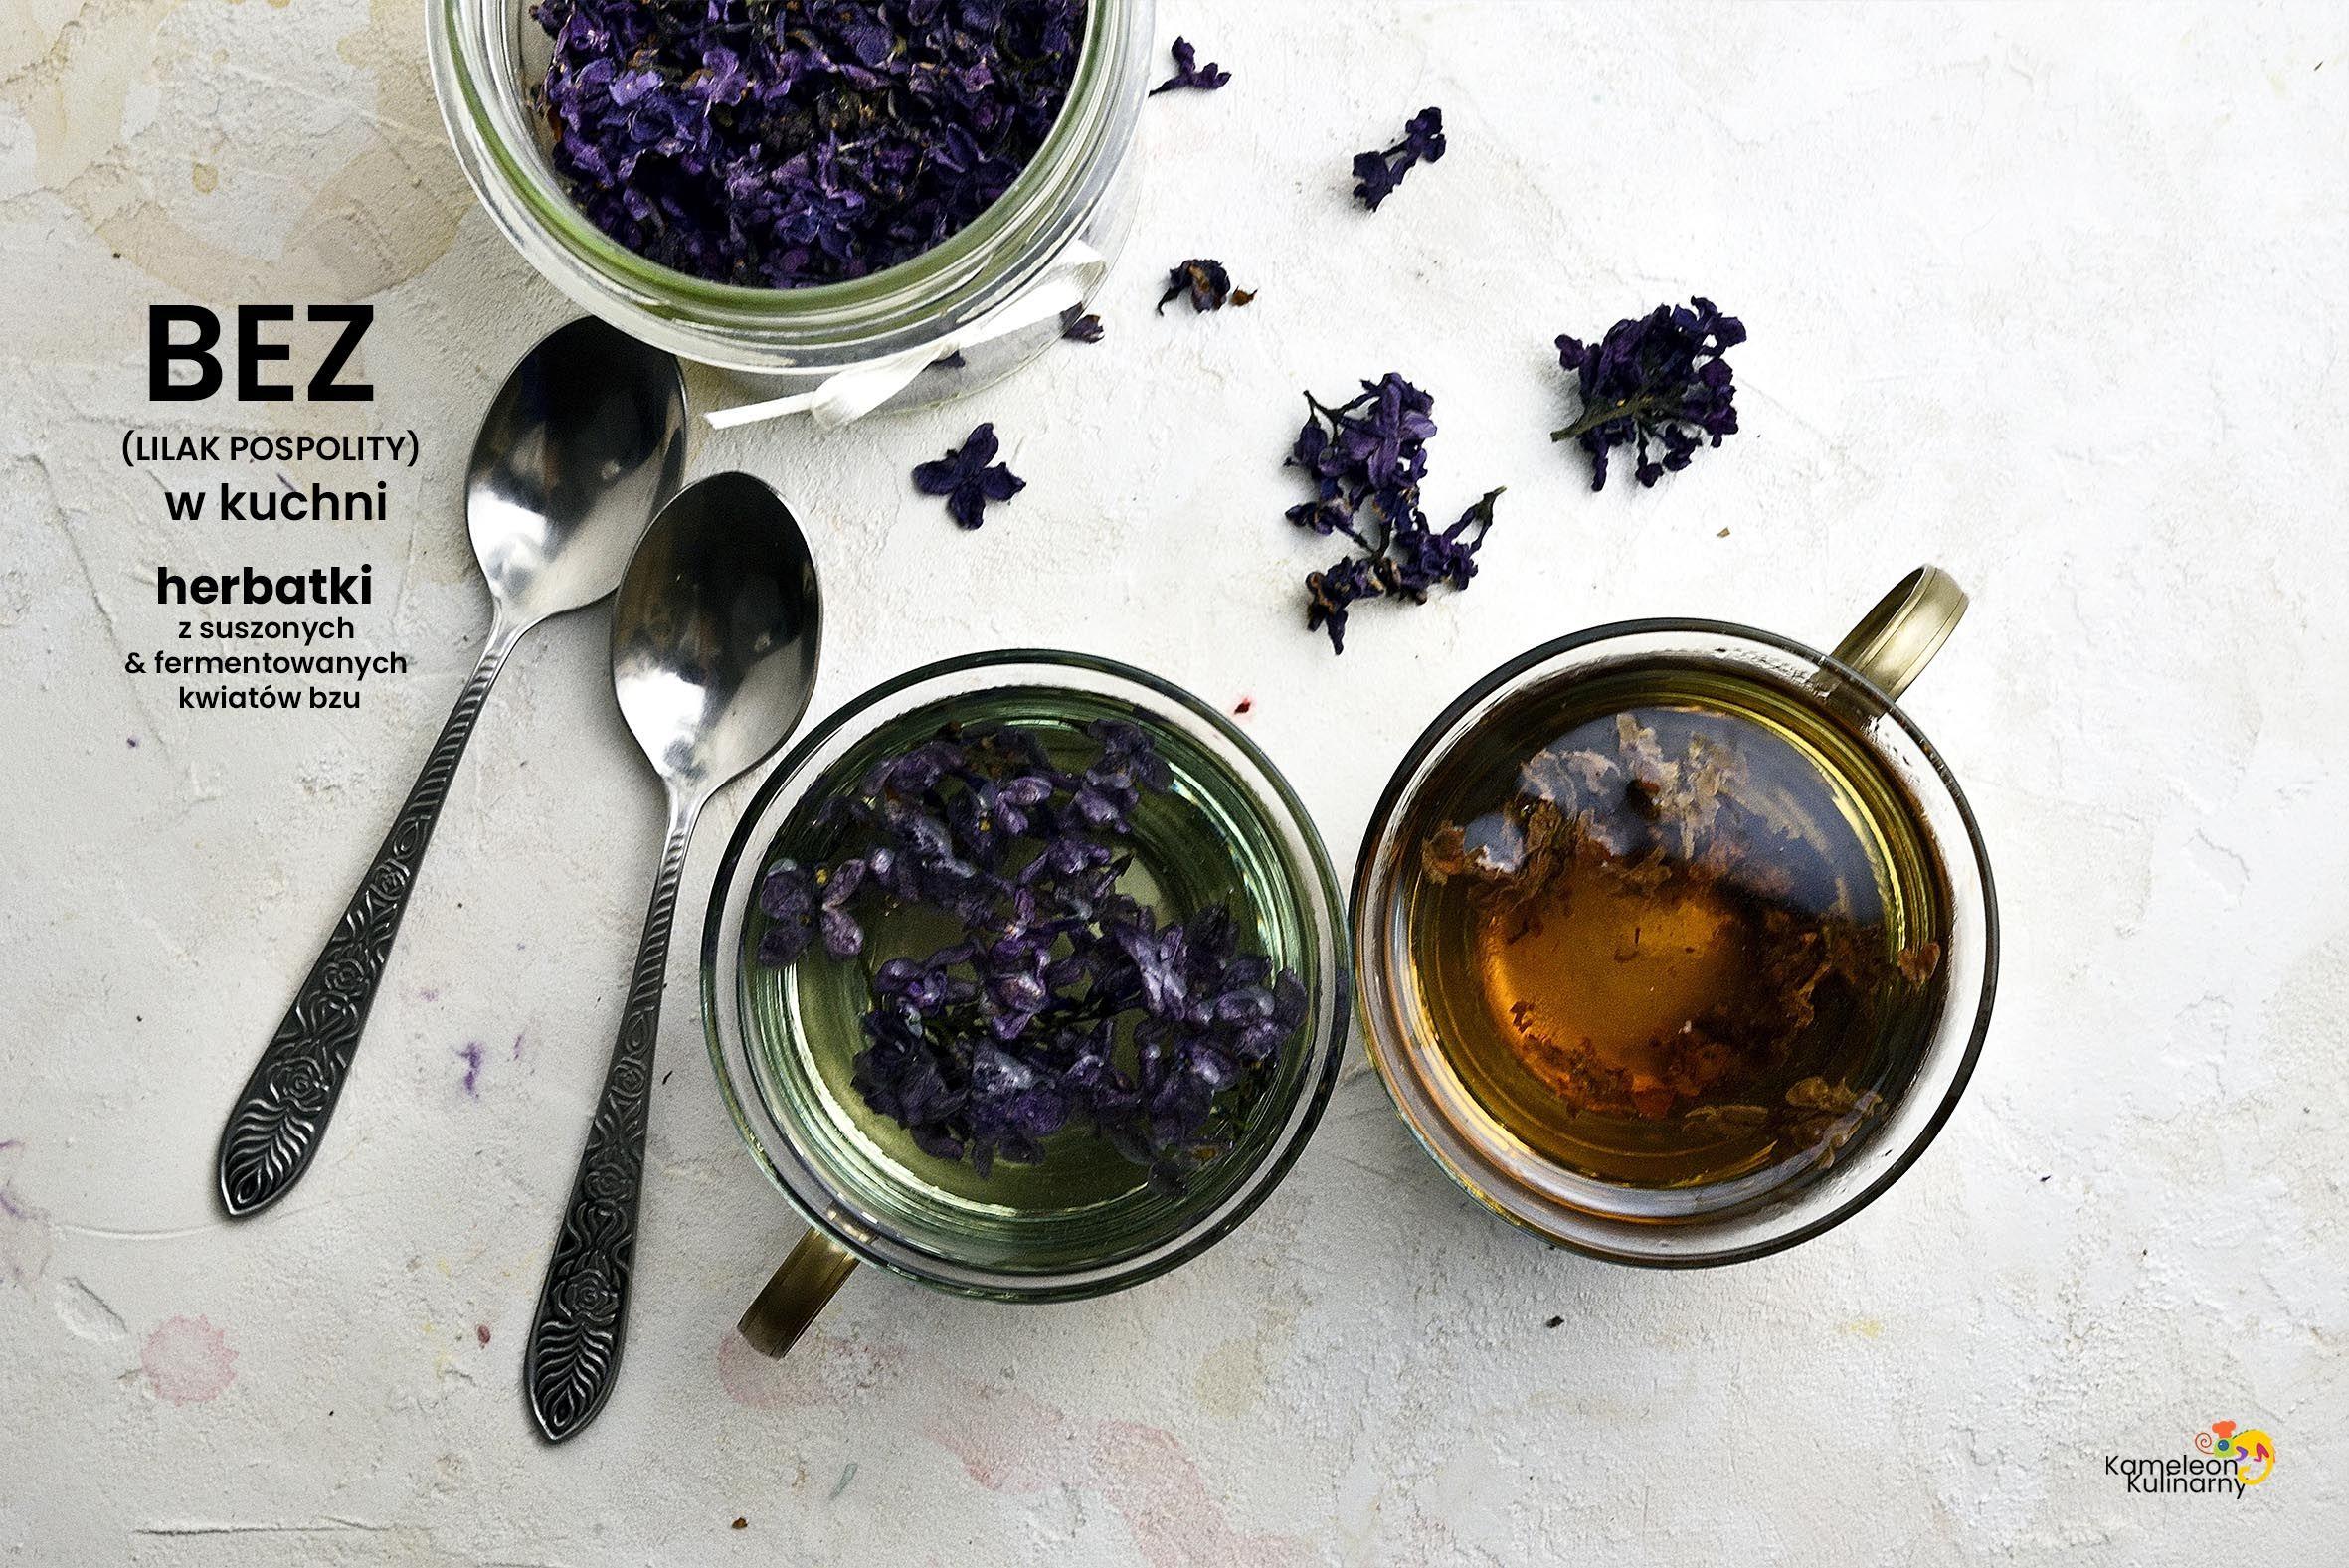 Bez W Kuchni I Herbatka Z Suszonych I Fermentowanych Kwiatow Bzu Ashtray Flowers